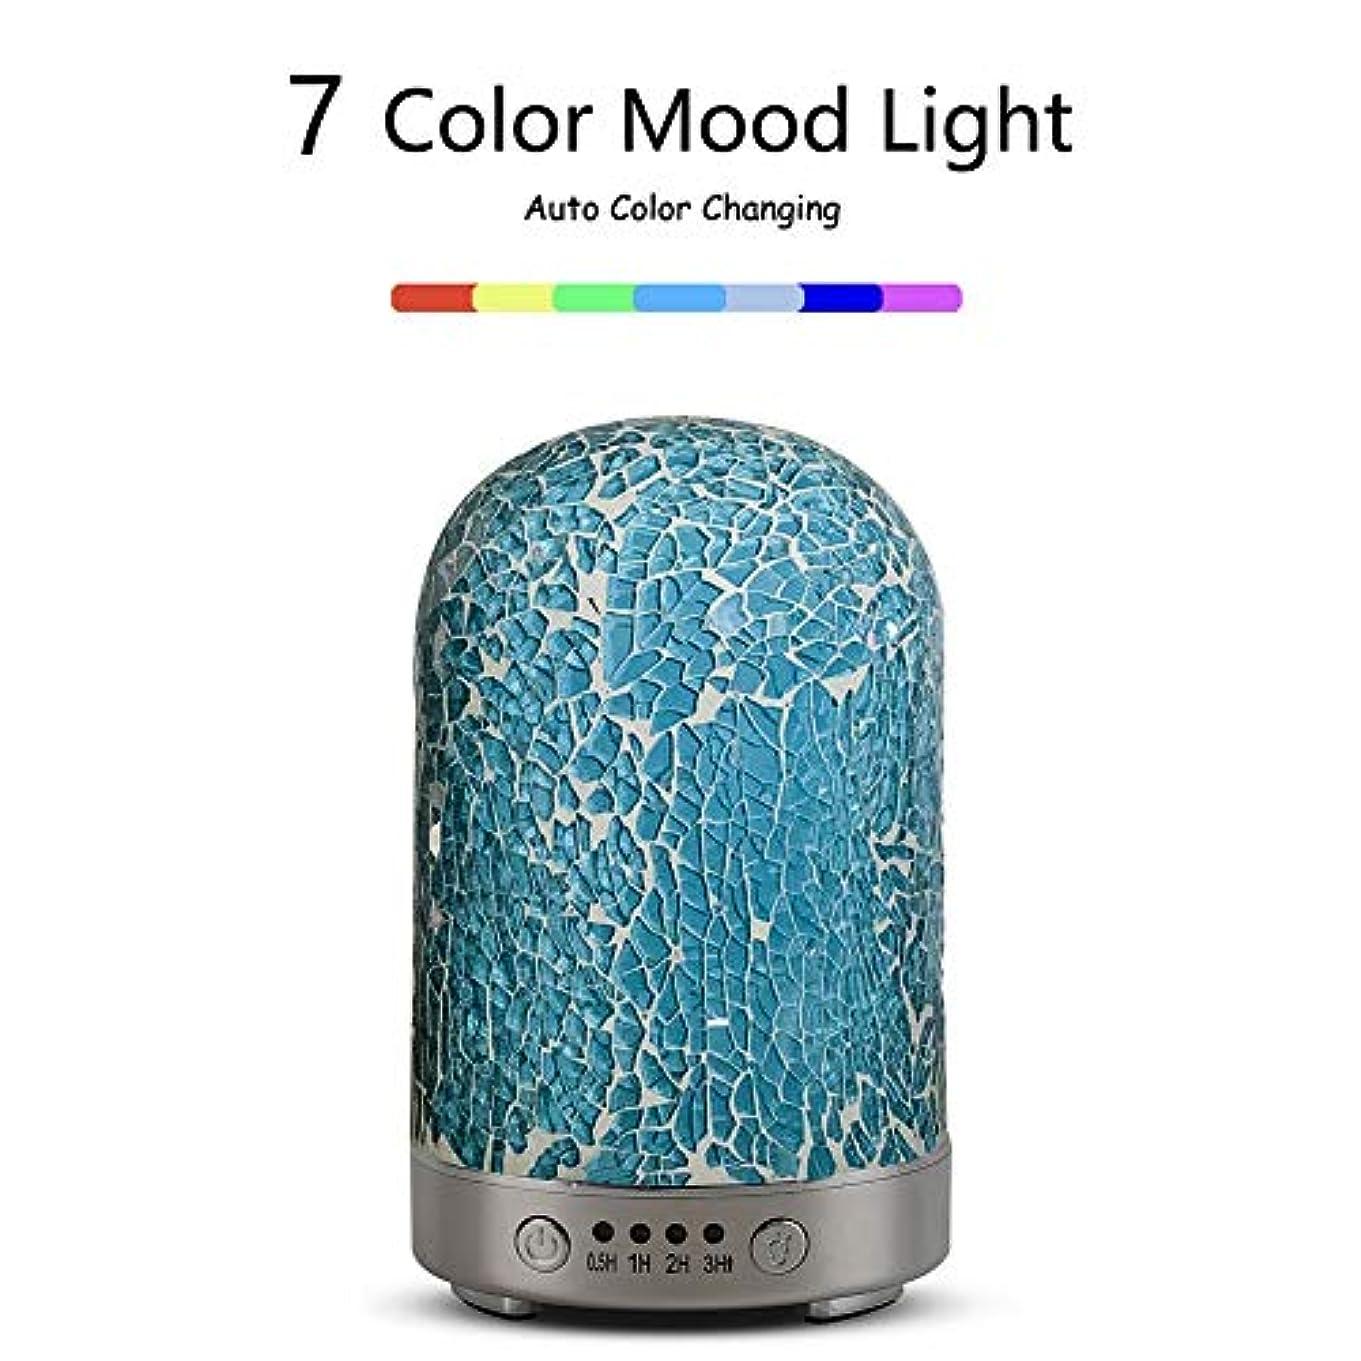 ピンポイント同化するテレマコスアロマセラピーエッセンシャルオイルディフューザーアロマ加湿器10 mlクラックモザイクガラスシェル7色LEDライトミュート自動ライト変更